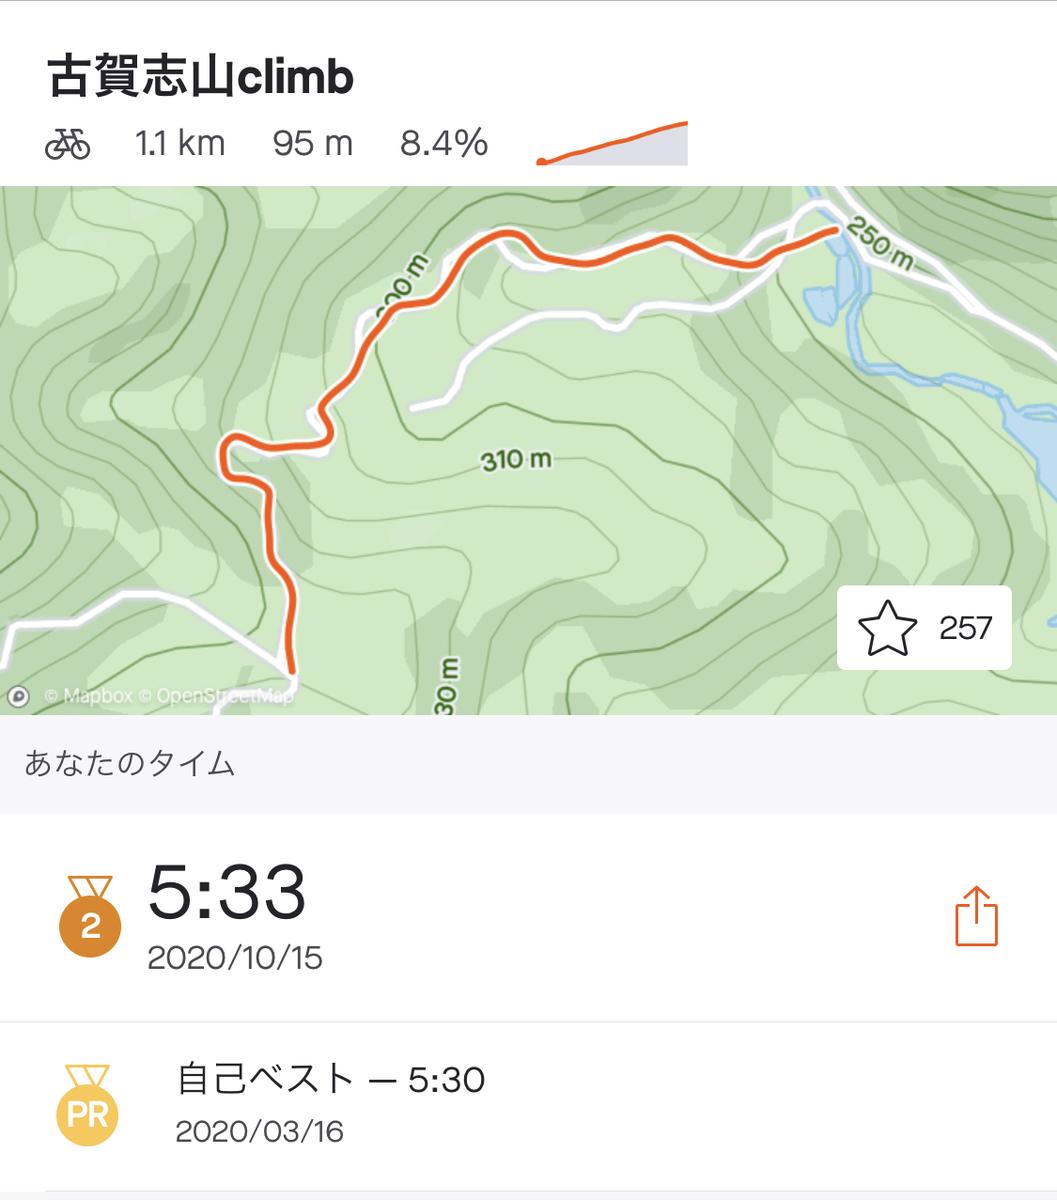 初めてのカーボンディープリムで古賀志山を登る